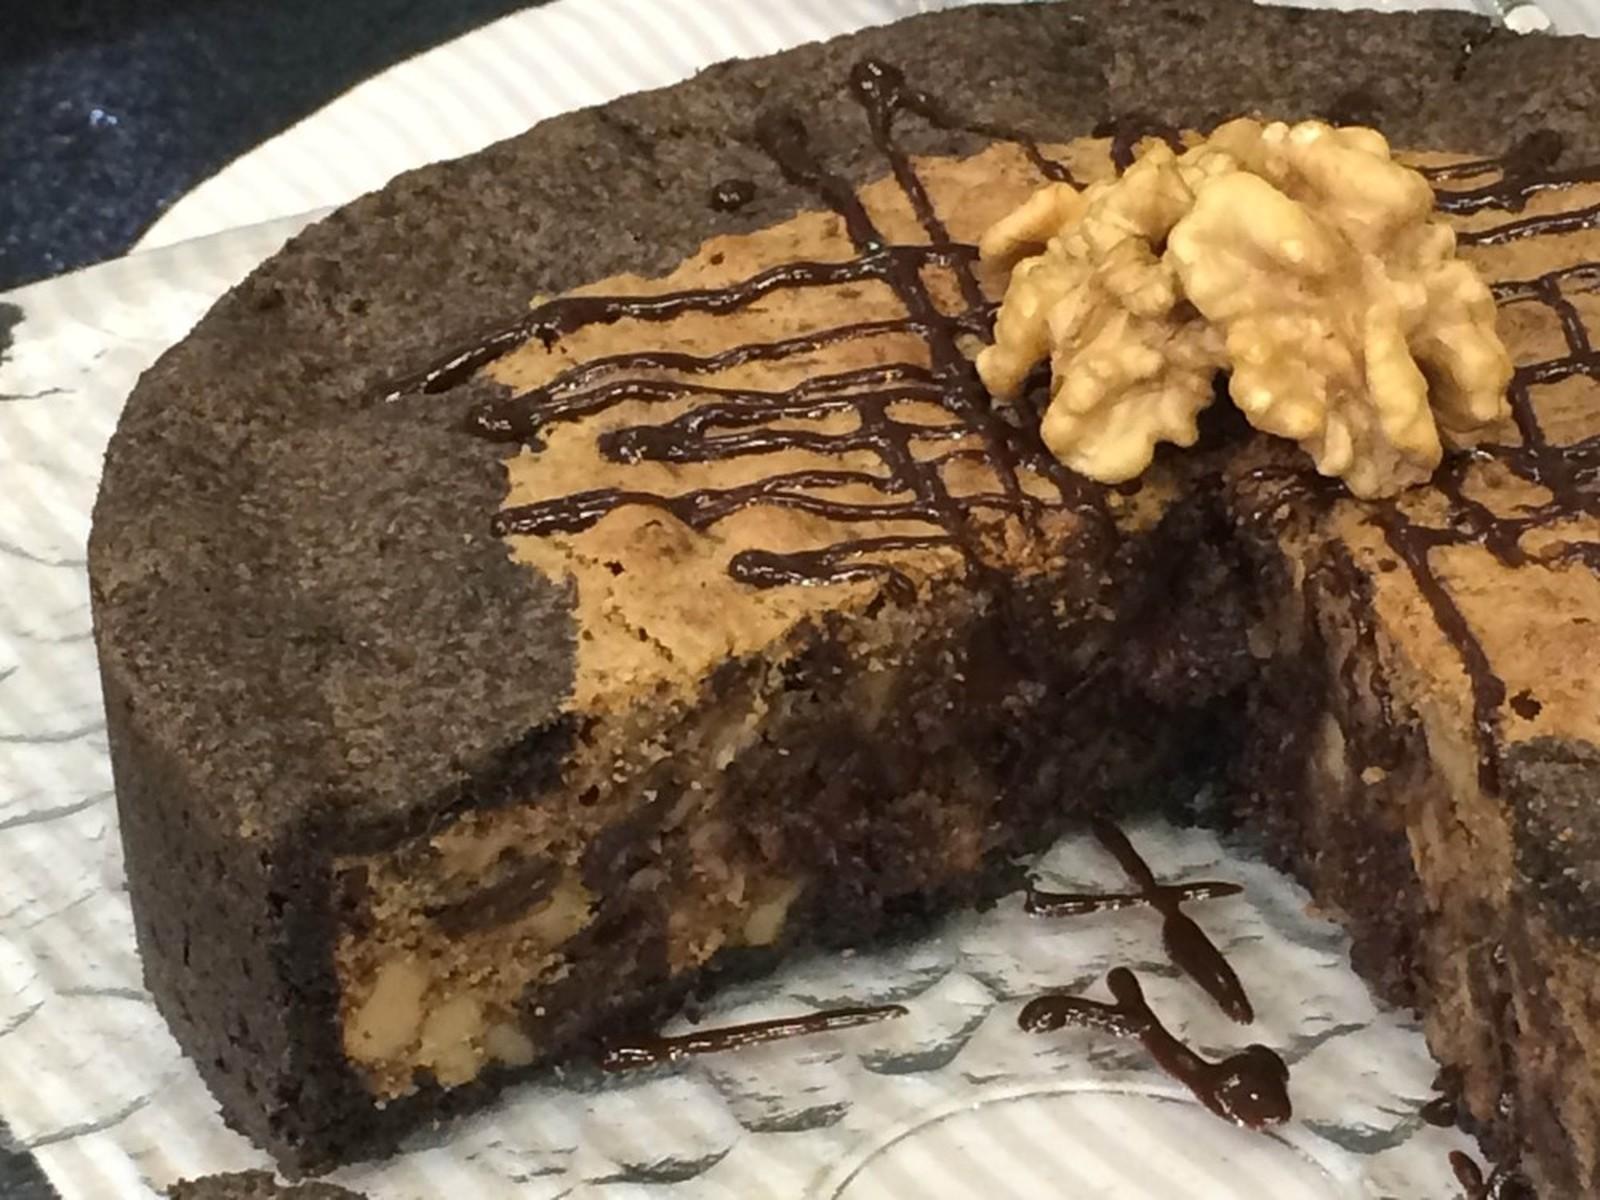 torta-de-nozes-doce-sobremesa-natal-anao-novo-fim-de-ano-mais-voce